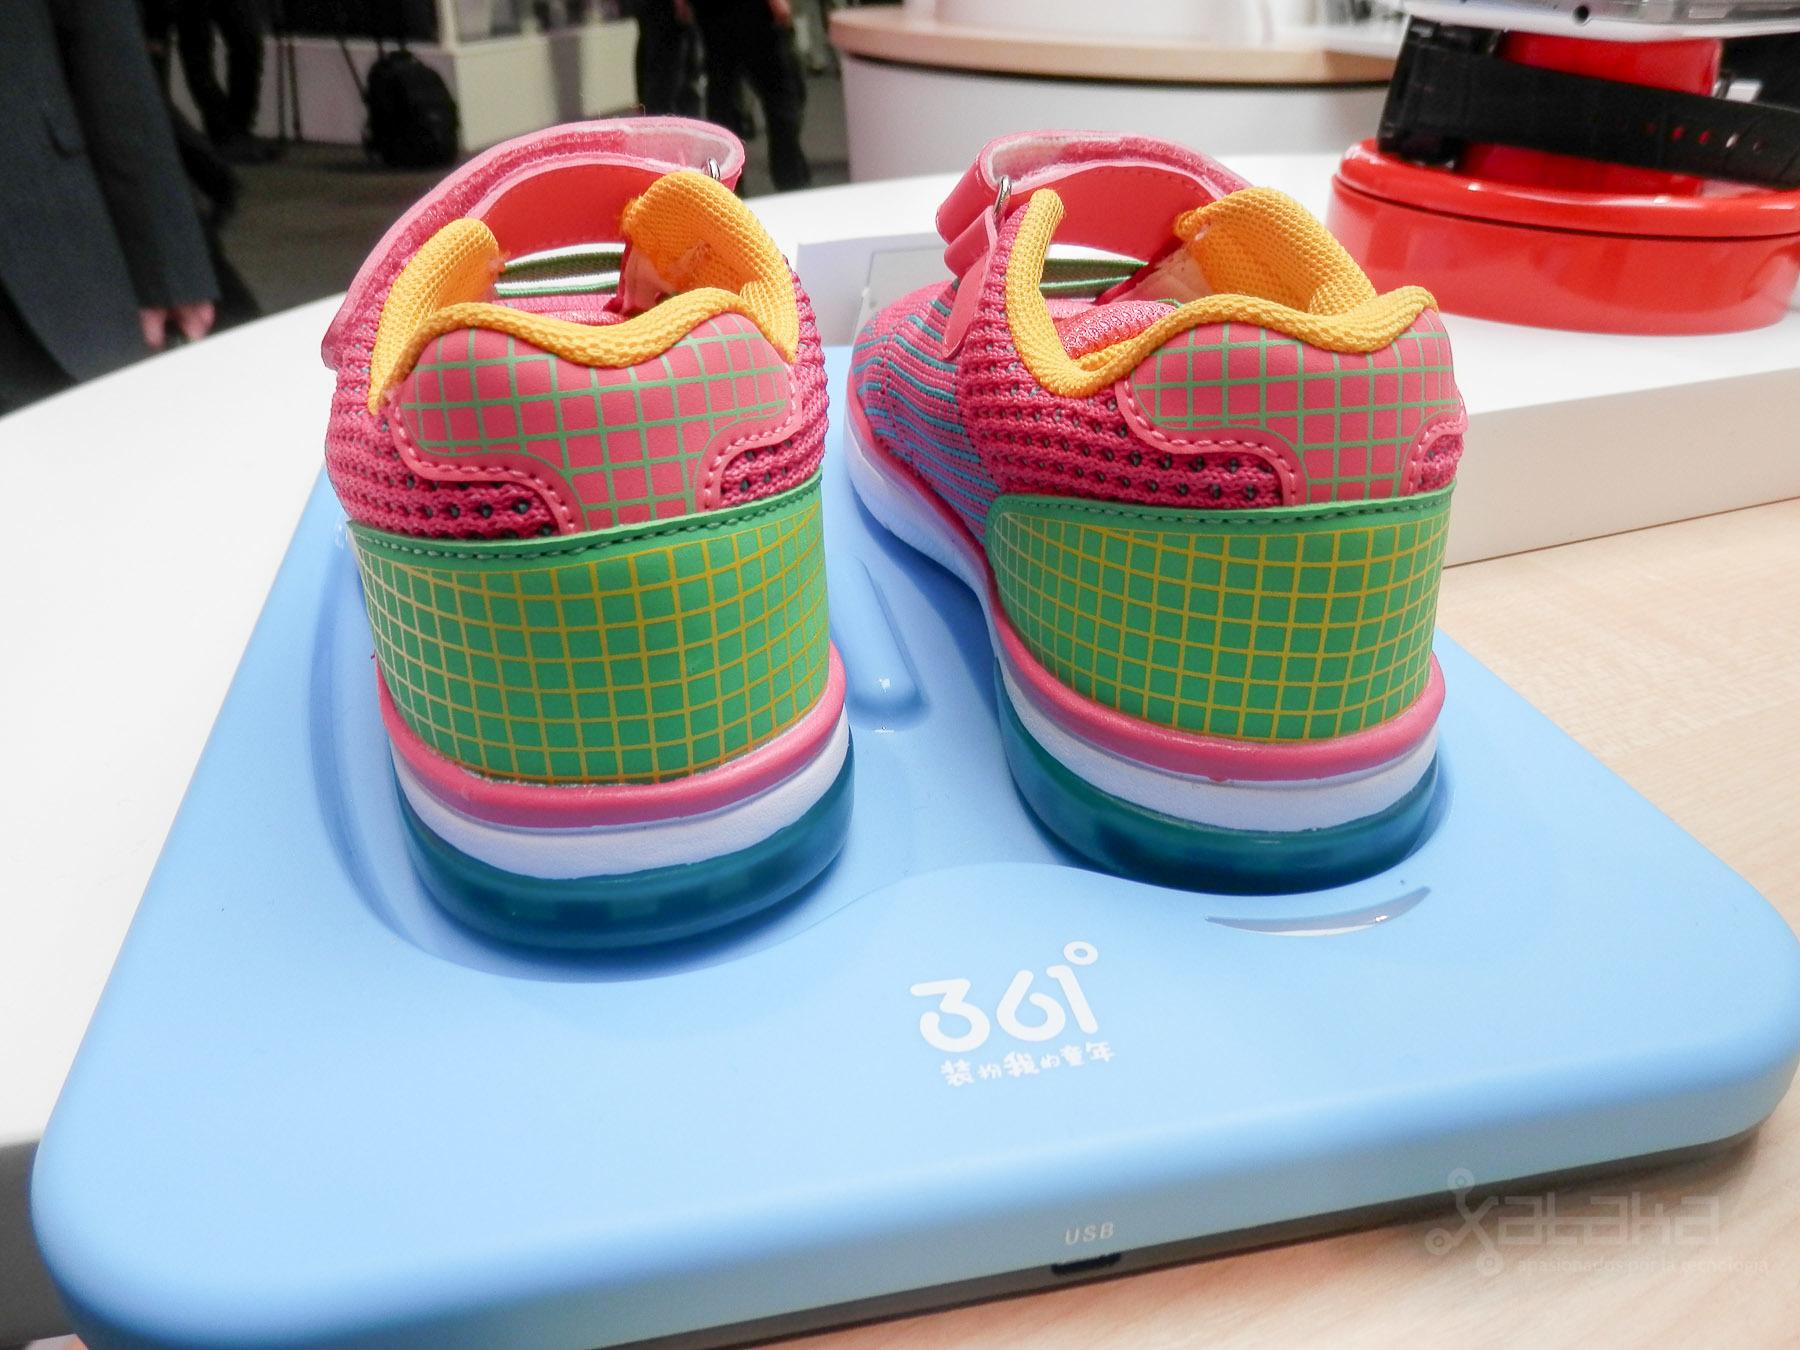 Foto de MediaTek 361 Smart Kid Shoe (1/4)